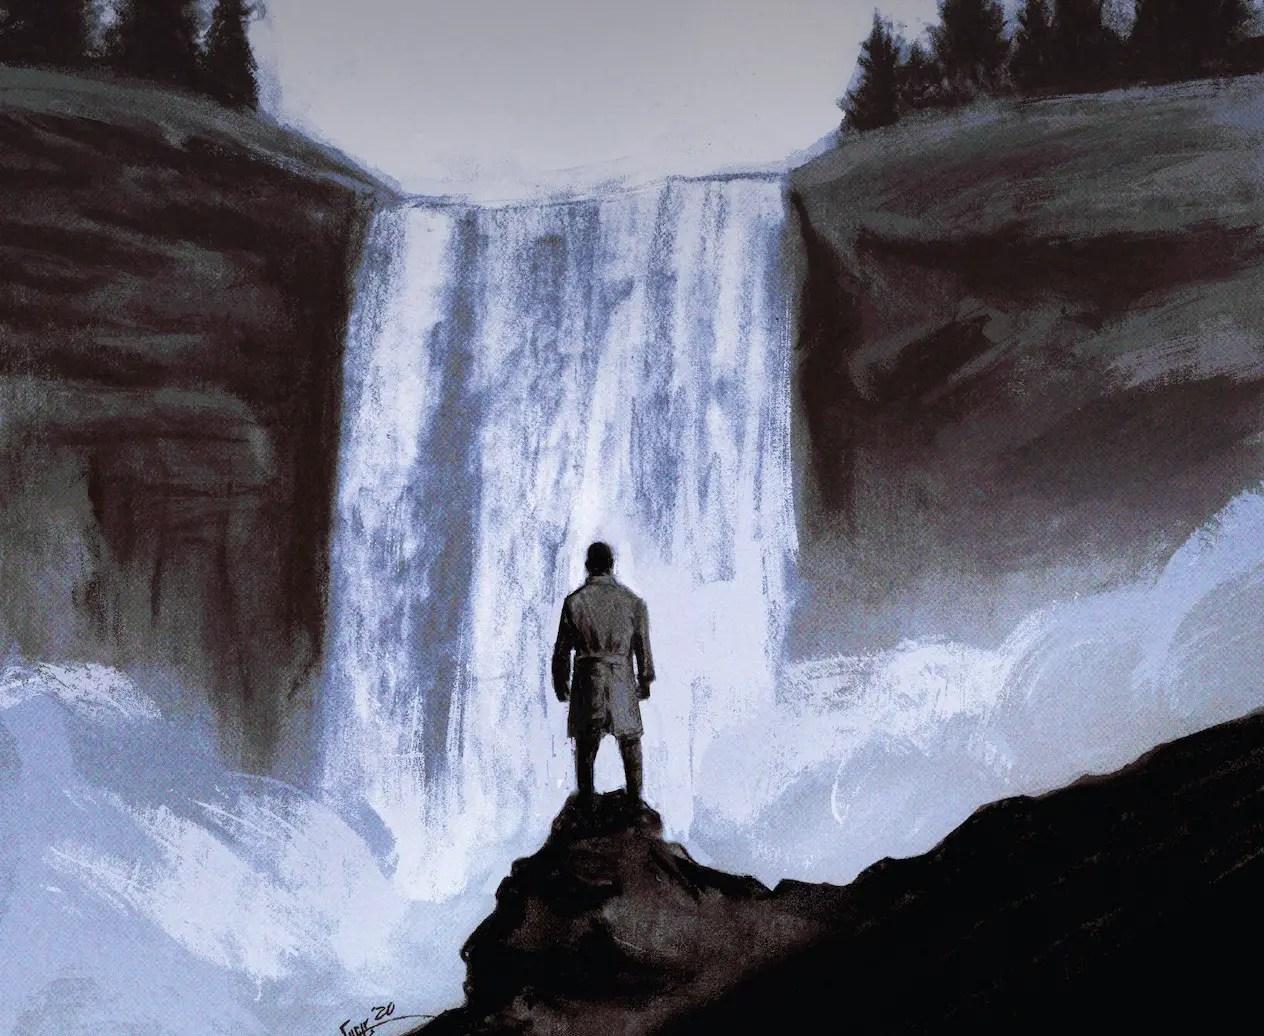 'Lost Falls' #2